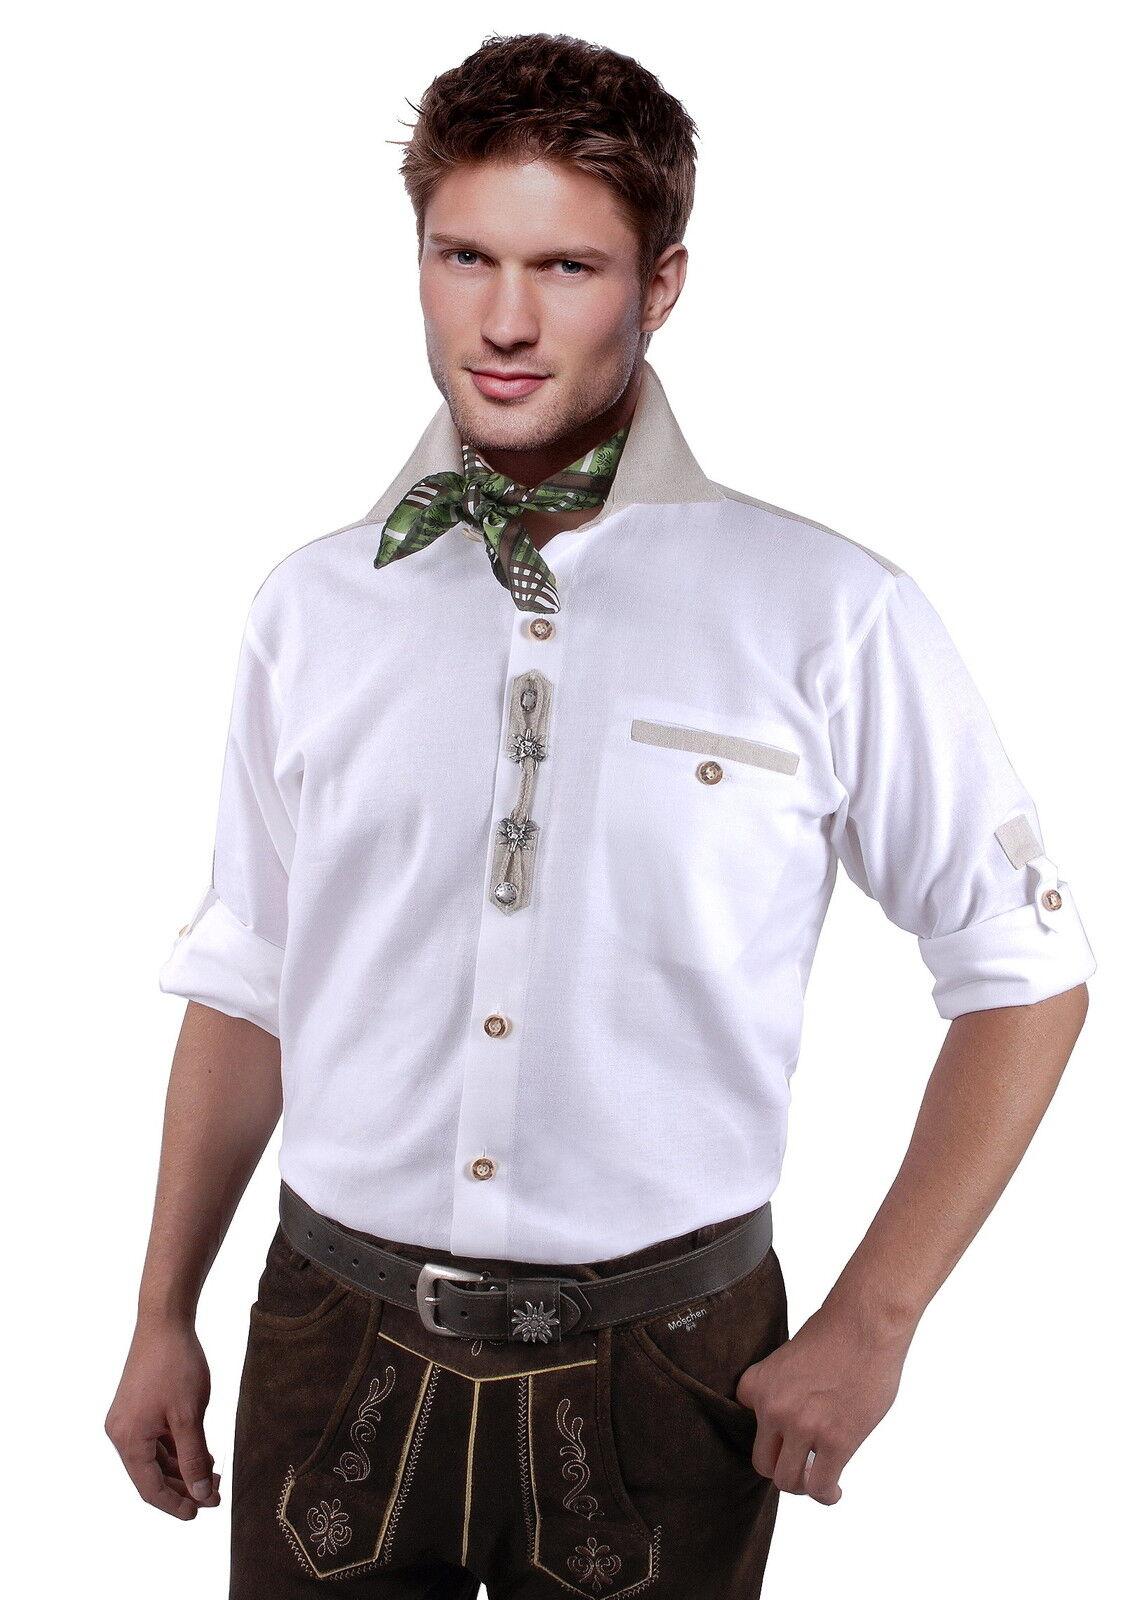 Trachtenhemd Herrenhemd Herren Langarm Langarm Langarm Kurzarm Edelweiß Reine Baumwolle Weiß  | Verkaufspreis  acd0a5